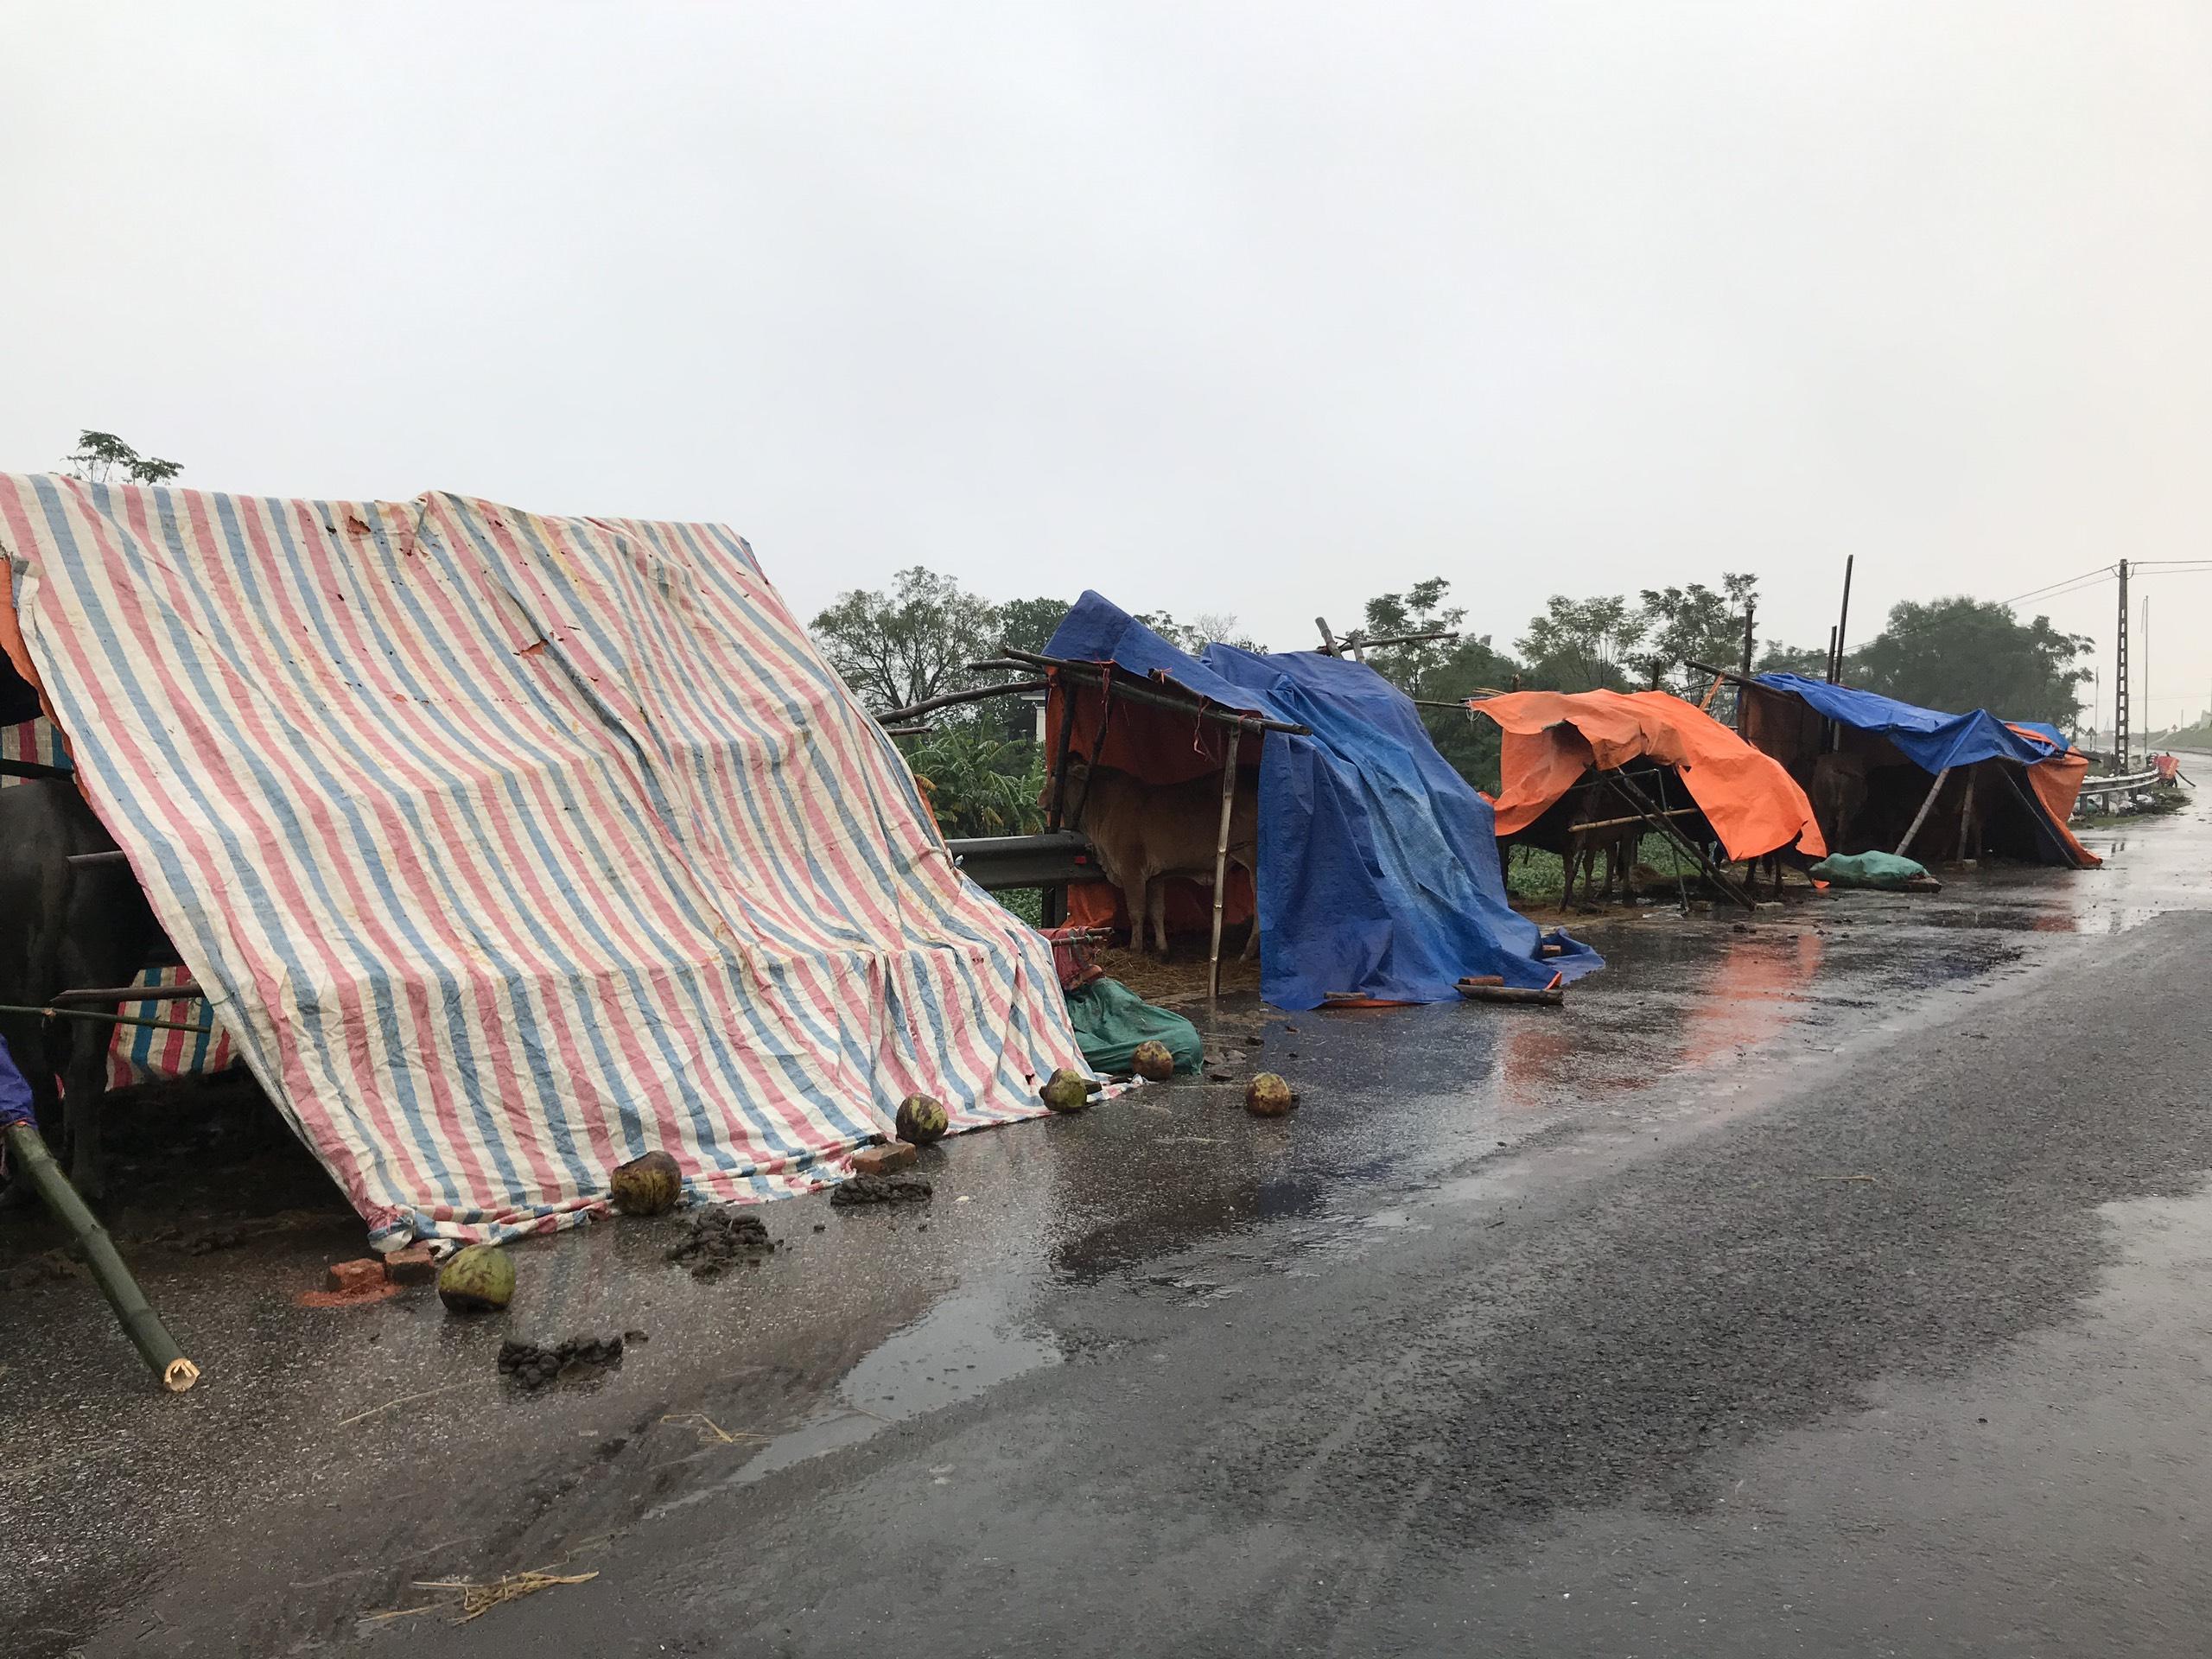 Nghệ An: Người dân ven sông phải lên đê dựng lều cho trâu bò trú ẩn - Ảnh 14.